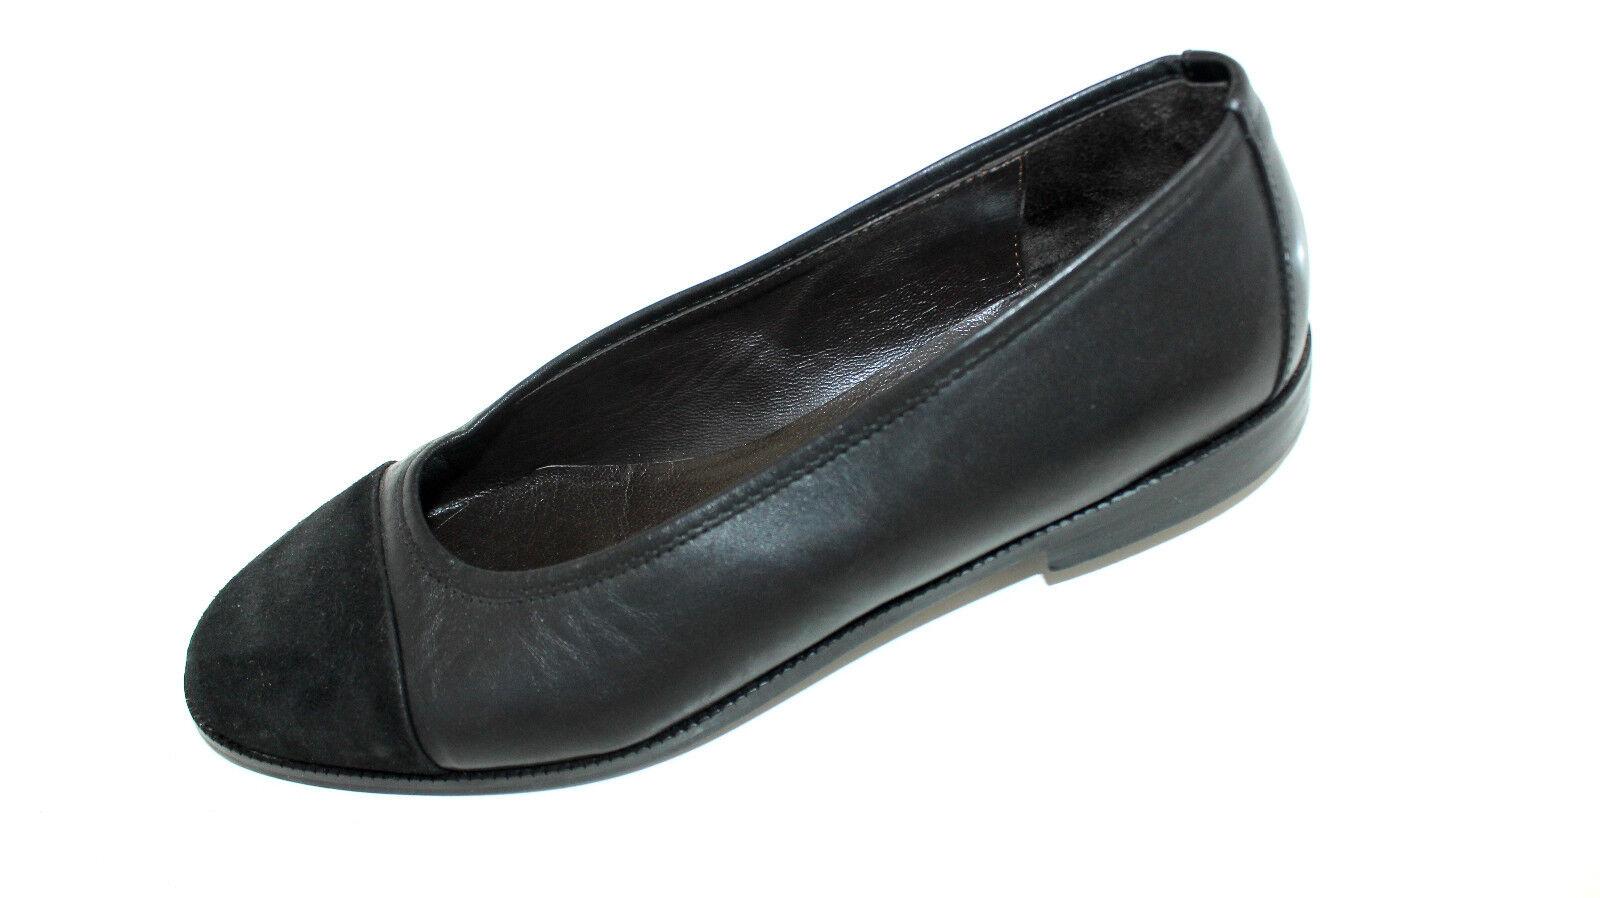 Ricardo Cartillone Ballerines Ballerines Ballerines Slipper à moitié chaussures 39 UK 5 Noir Cuir Doux 1fa910